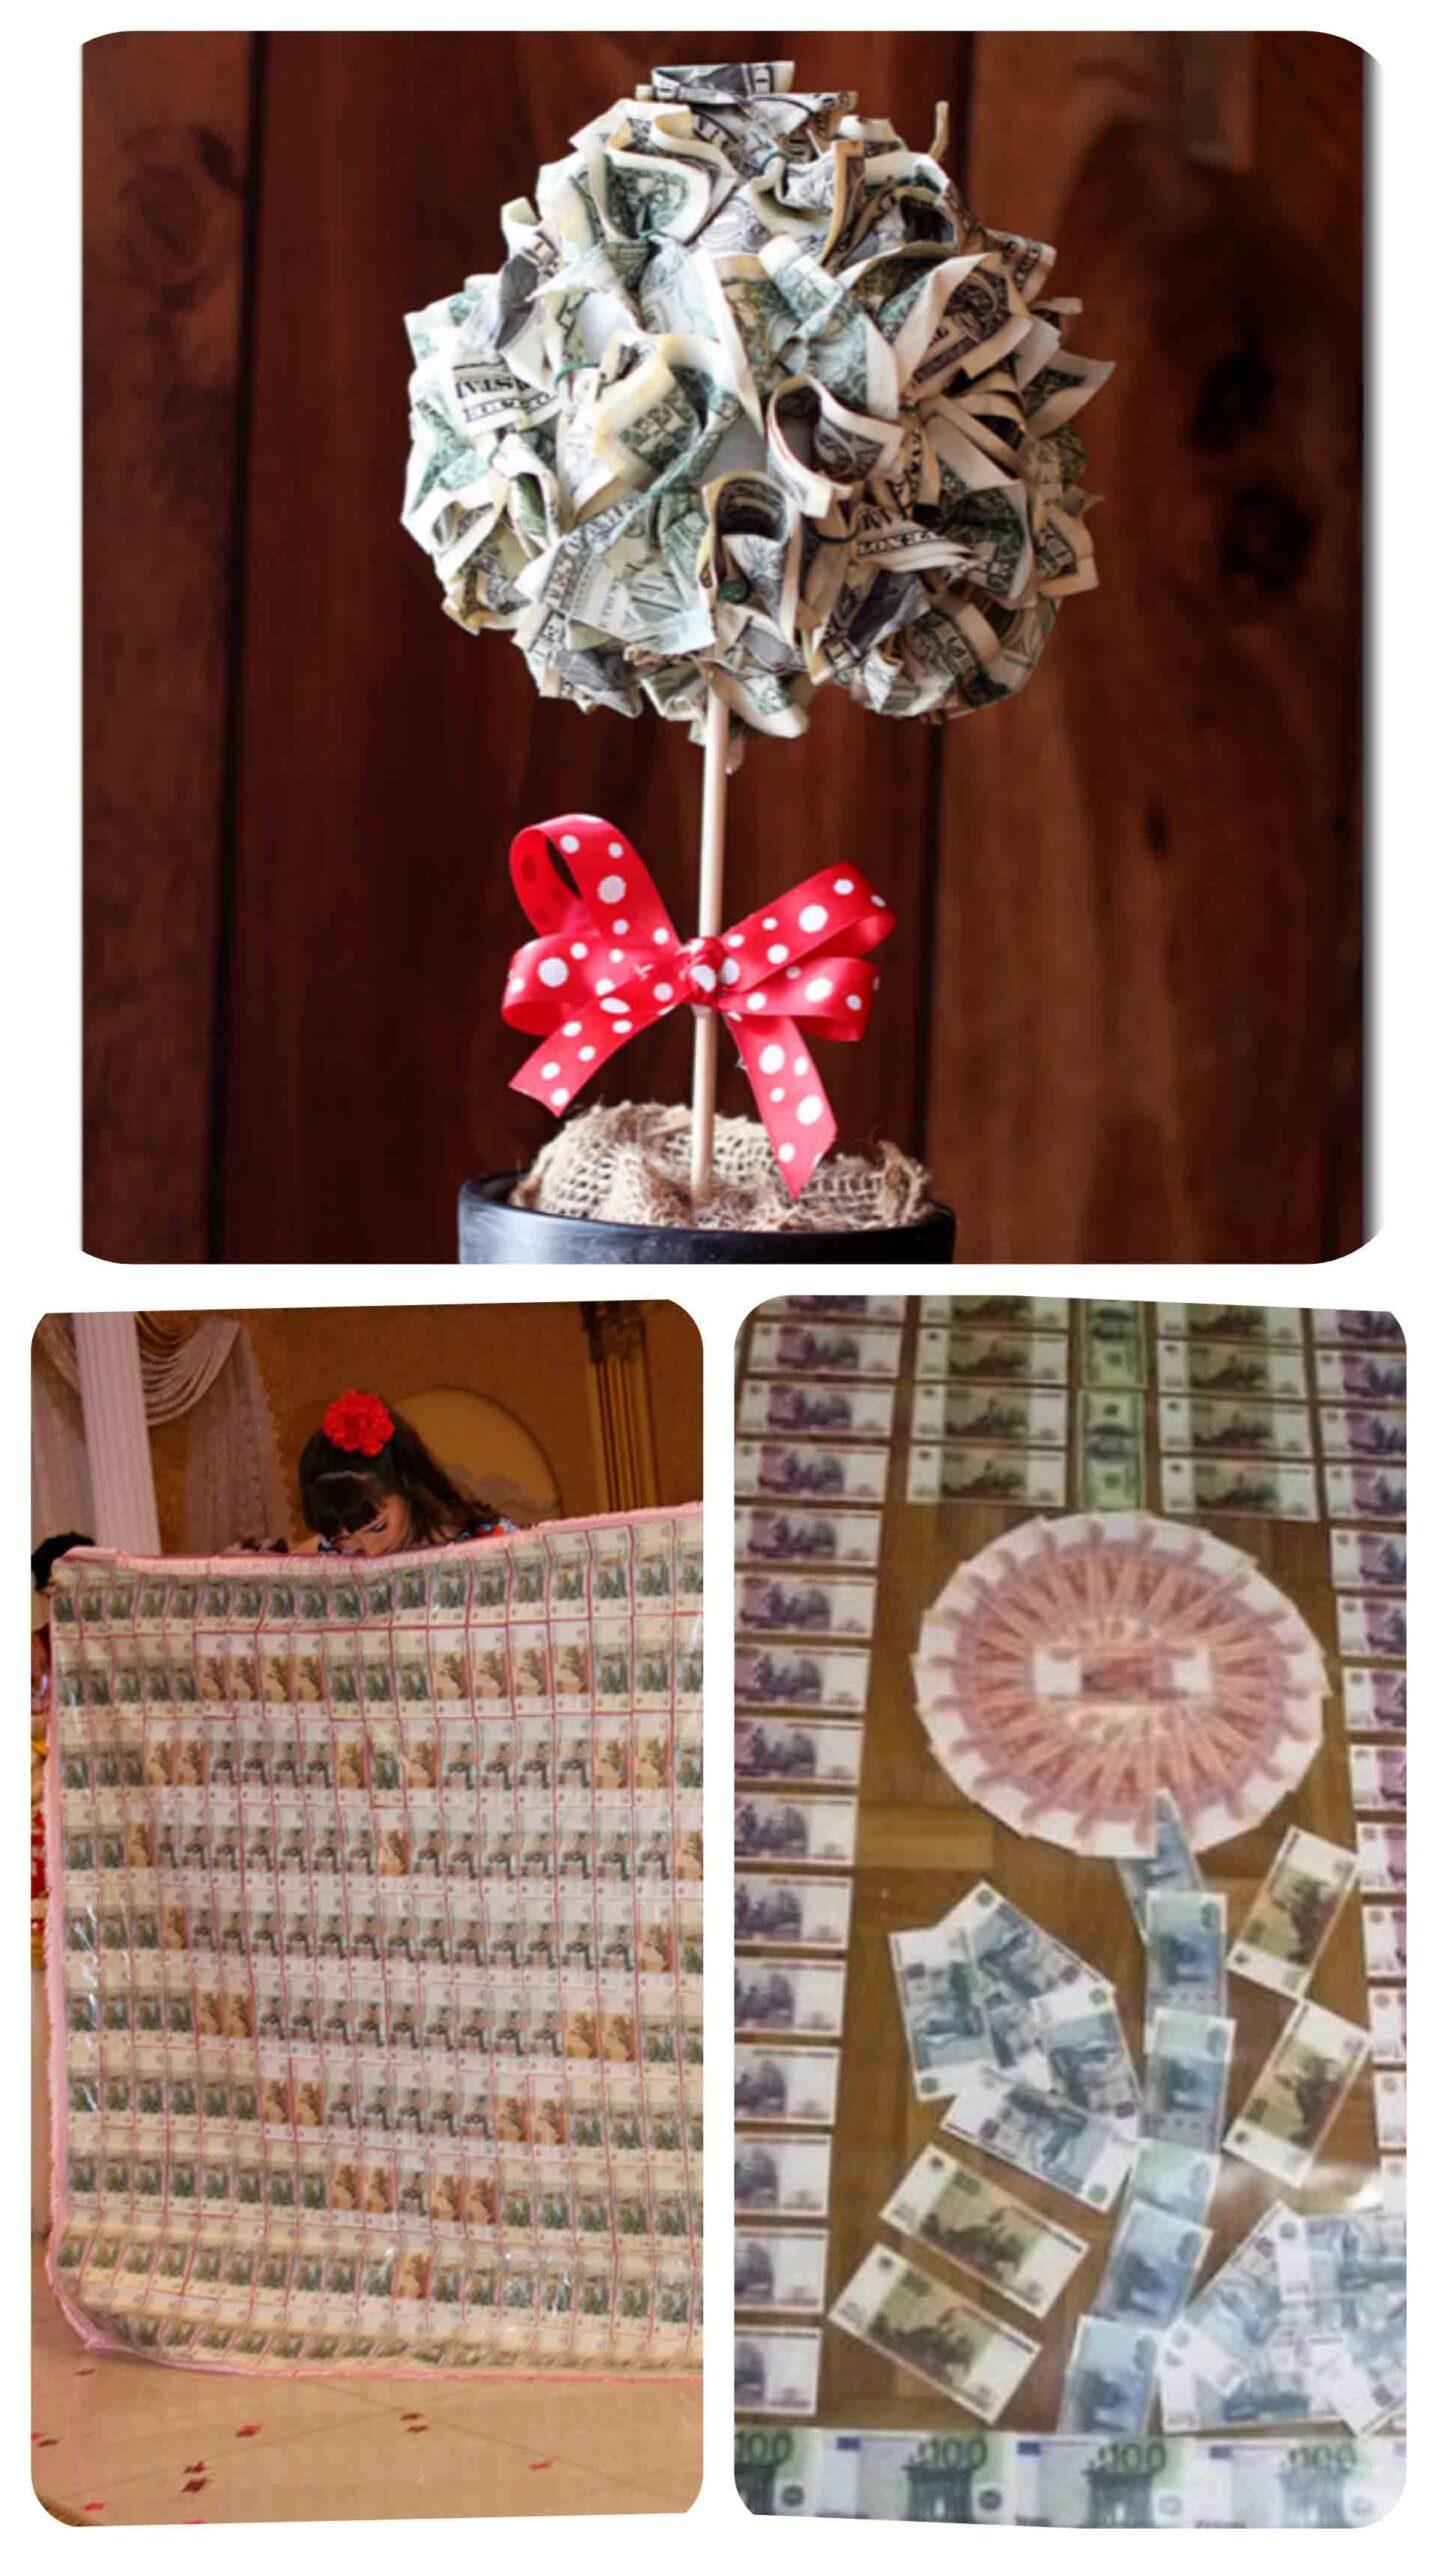 как подарить деньги на свадьбе, как дарить деньги молодоженам, подарок деньгами на свадьбе, как подарить деньги оригинально на свадьбе, идеи как дарить деньги